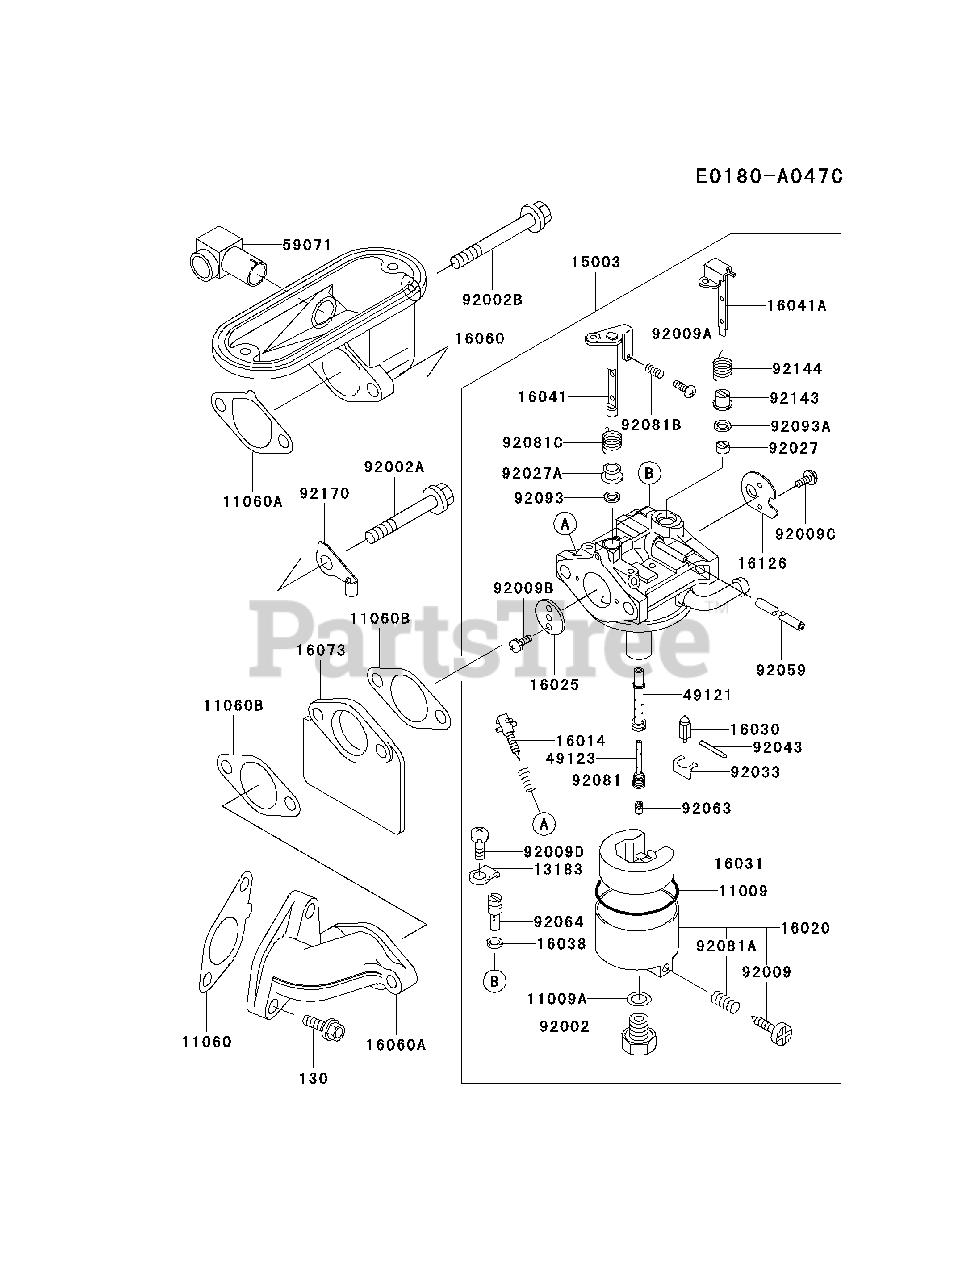 Kawasaki FB460V-ES33 - Kawasaki Engine CARBURETOR Parts Lookup with Diagrams    PartsTreePartsTree